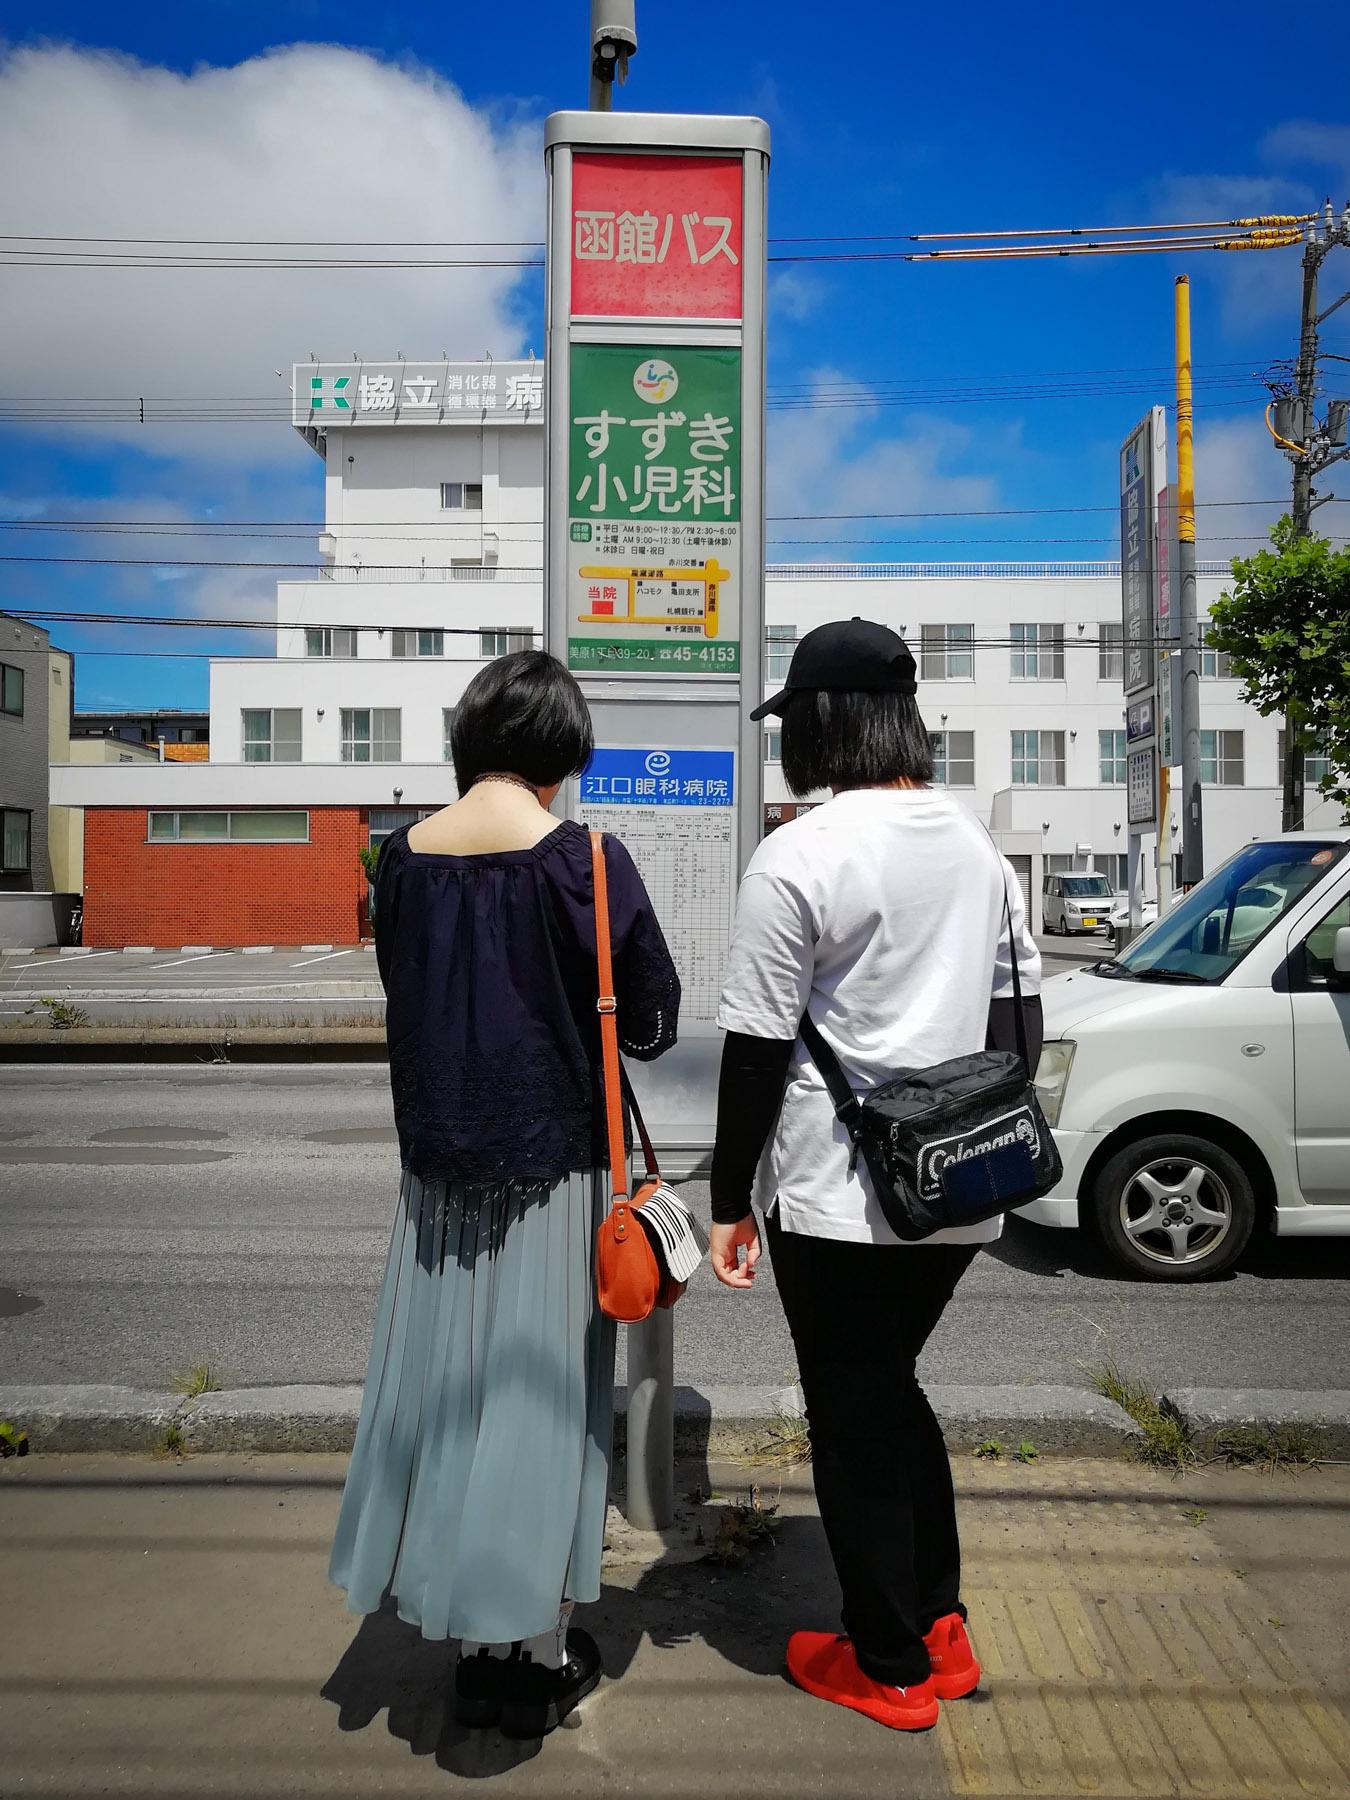 亀田支所前停留所でバスを待つ人